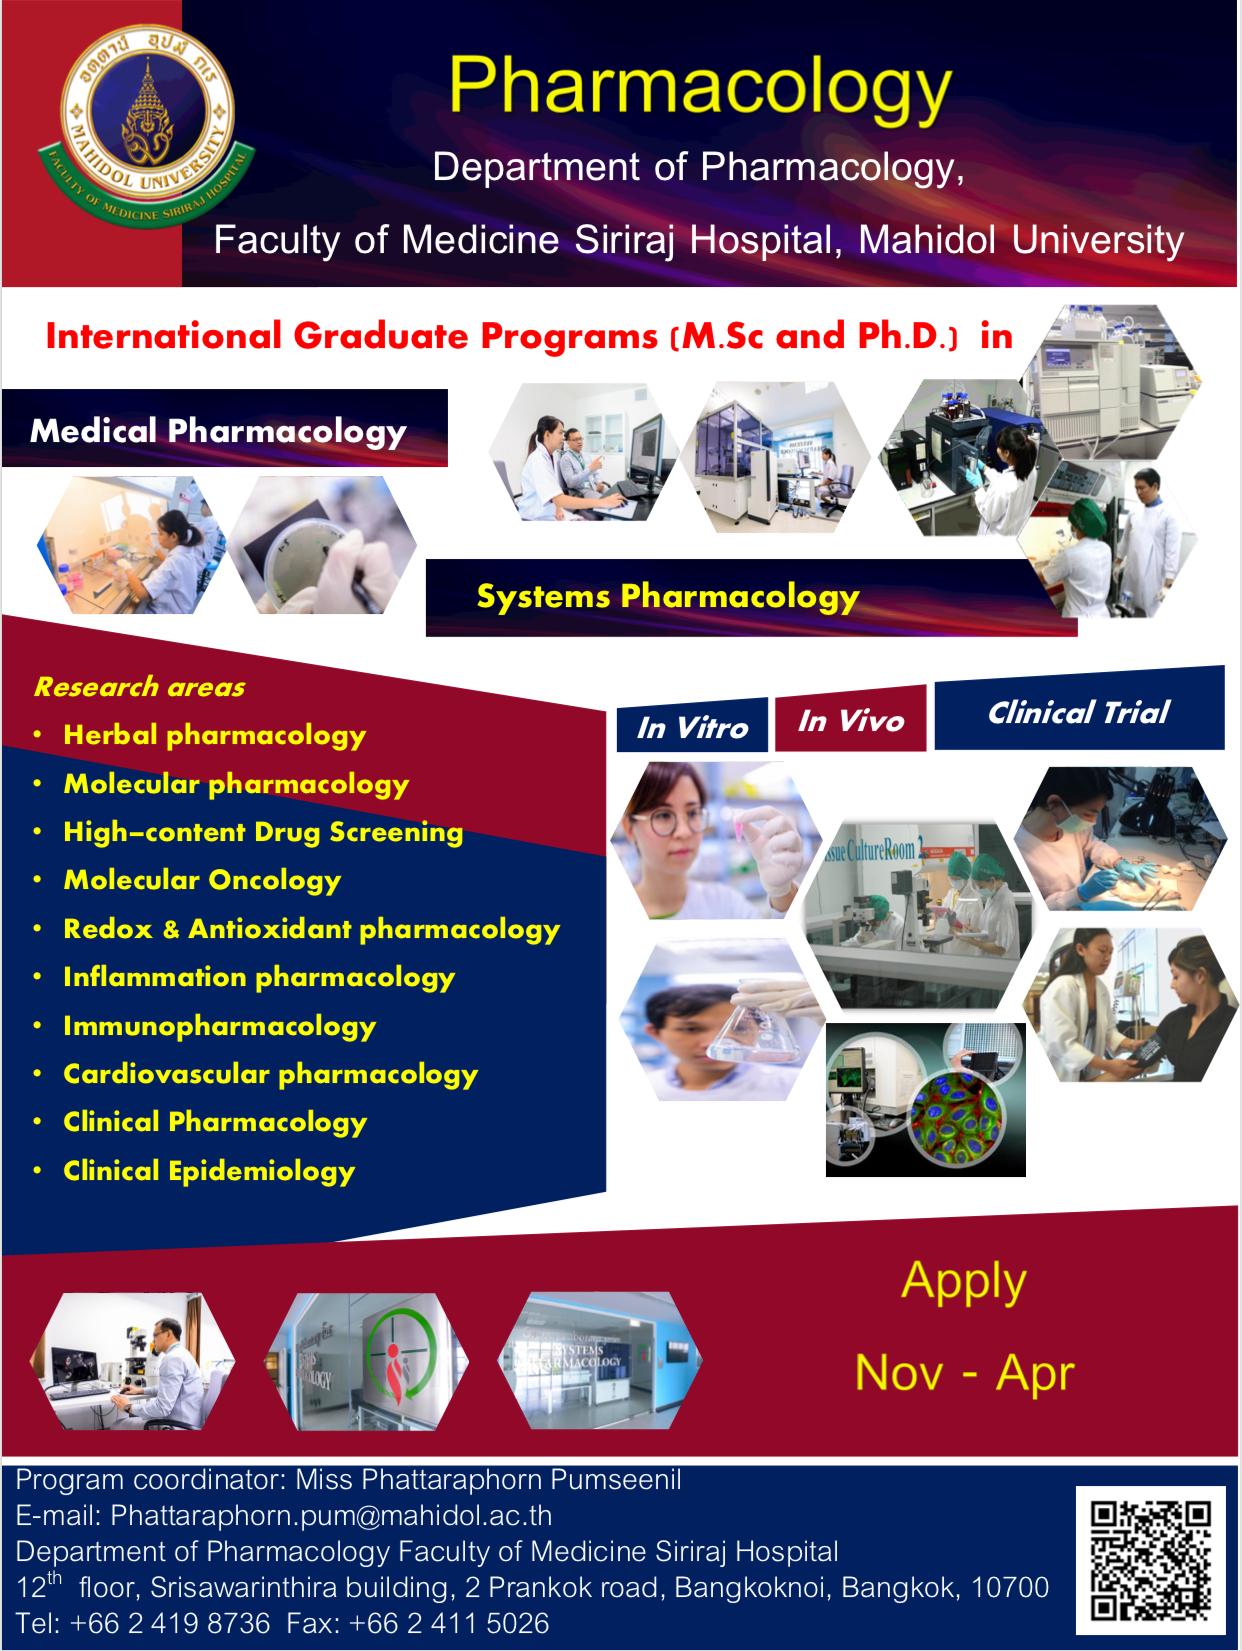 รับสมัครนักศึกษาหลักสูตรป.โท-เอก เภสัชวิทยา (นานาชาติ) คณะแพทยศาสตร์ศิริราชพยาบาล เปิดรับสมัครนักศึกษา ตั้งแต่ พ.ย.60-เม.ย60